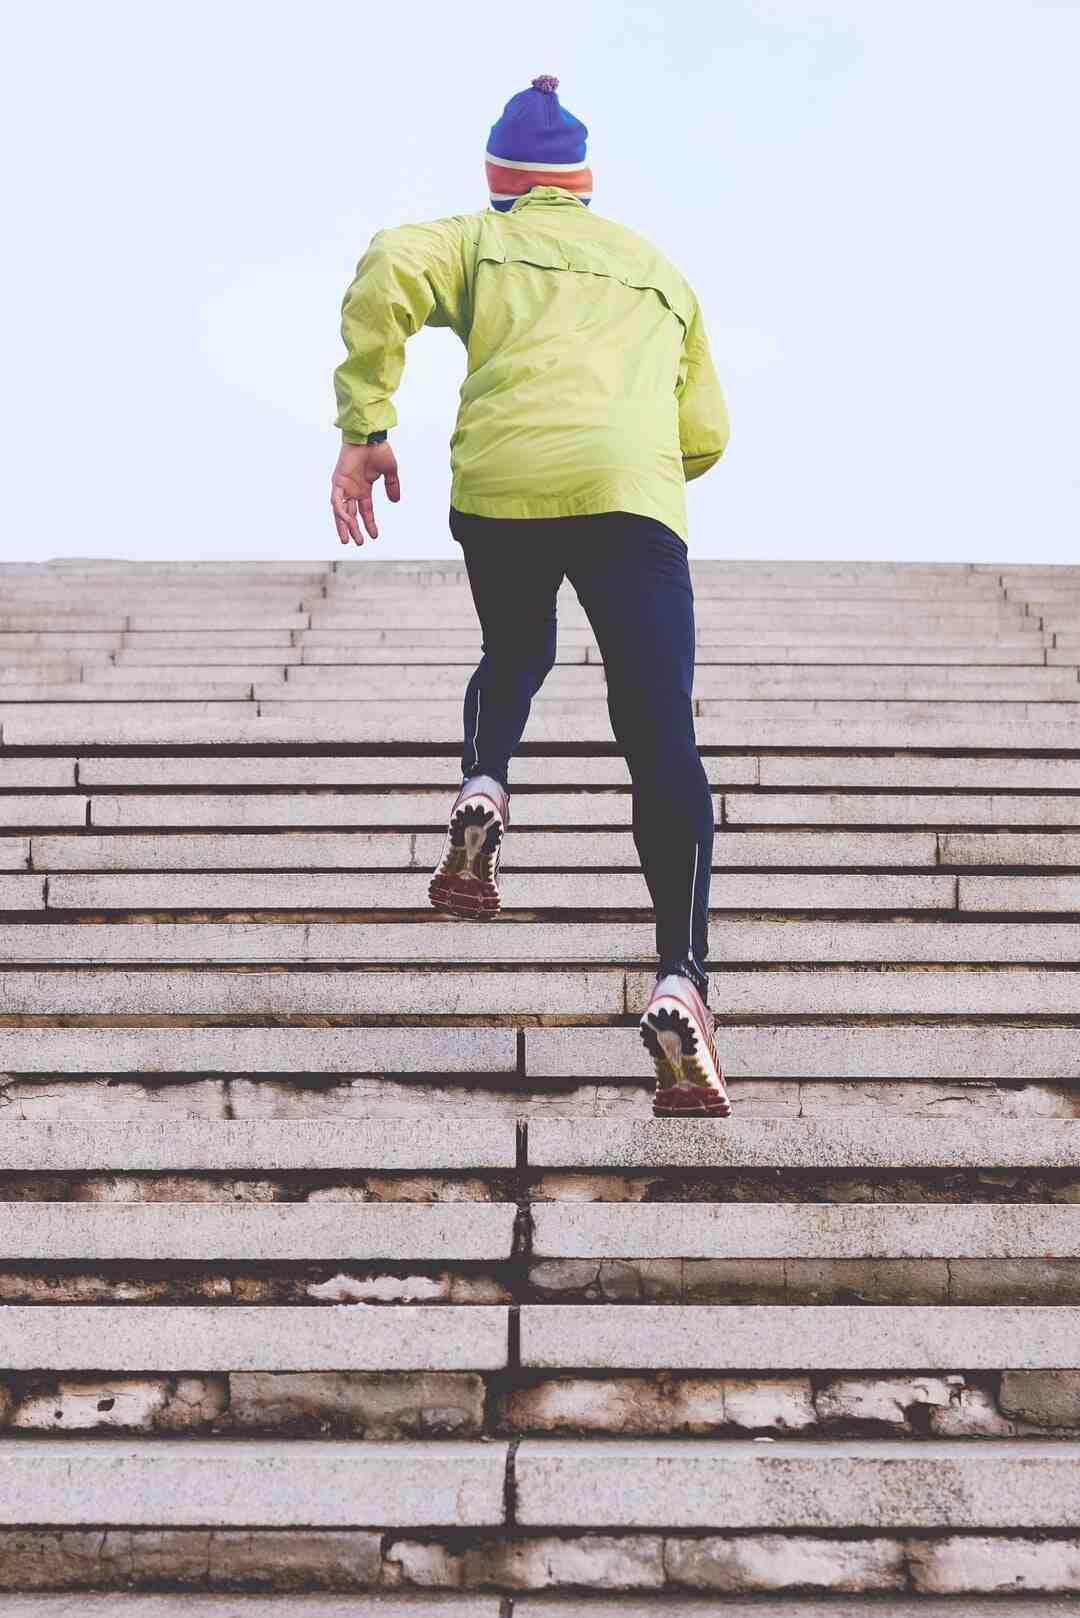 Comment perdre rapidement du poids avec le sport ?